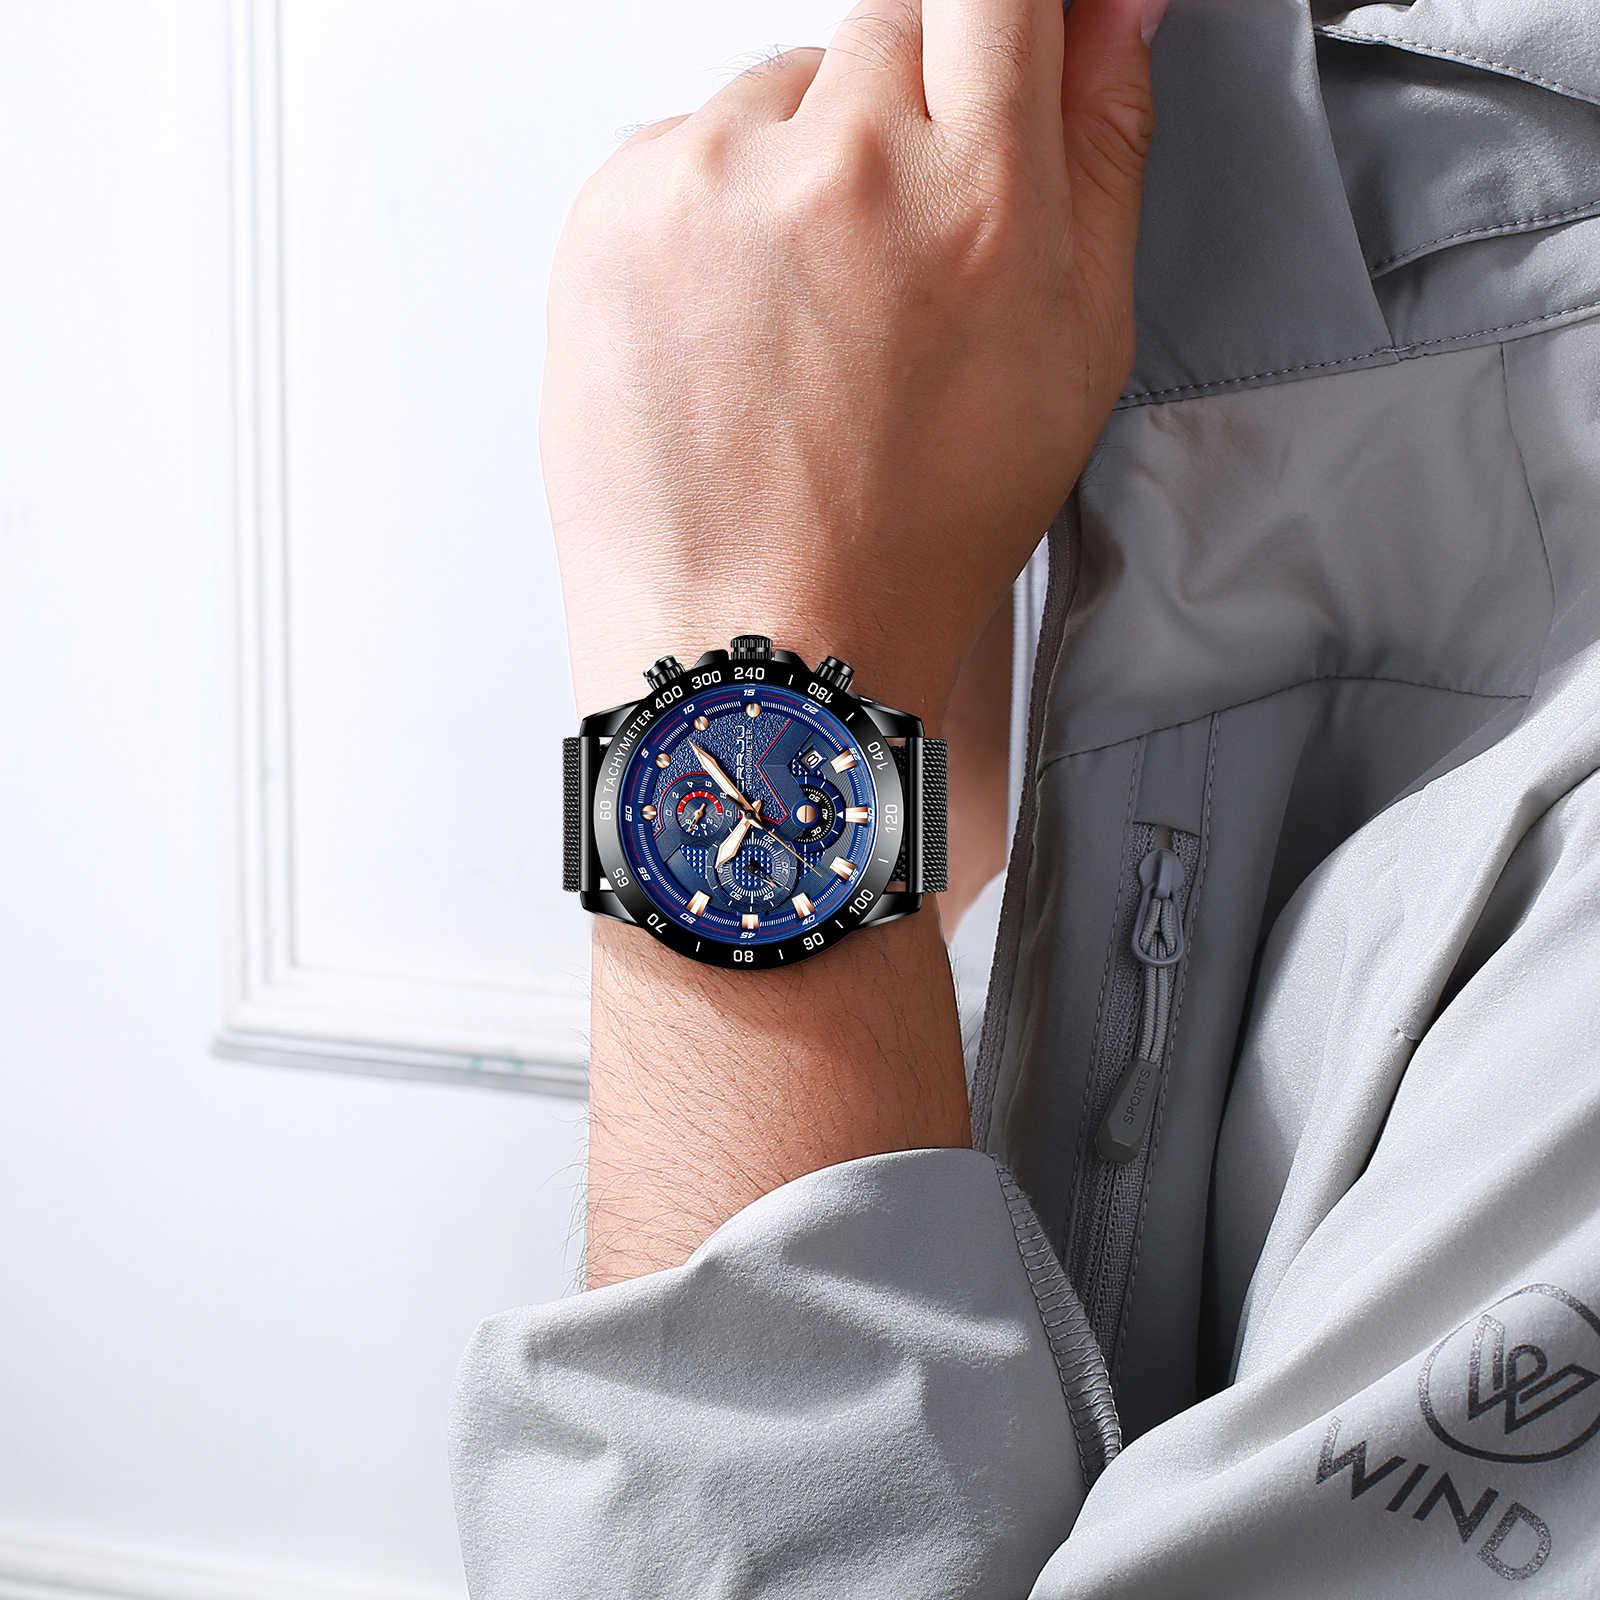 CRRJU relojes de pulsera de lujo para hombre, reloj de cuarzo, reloj azul, reloj deportivo resistente al agua, reloj Masculino